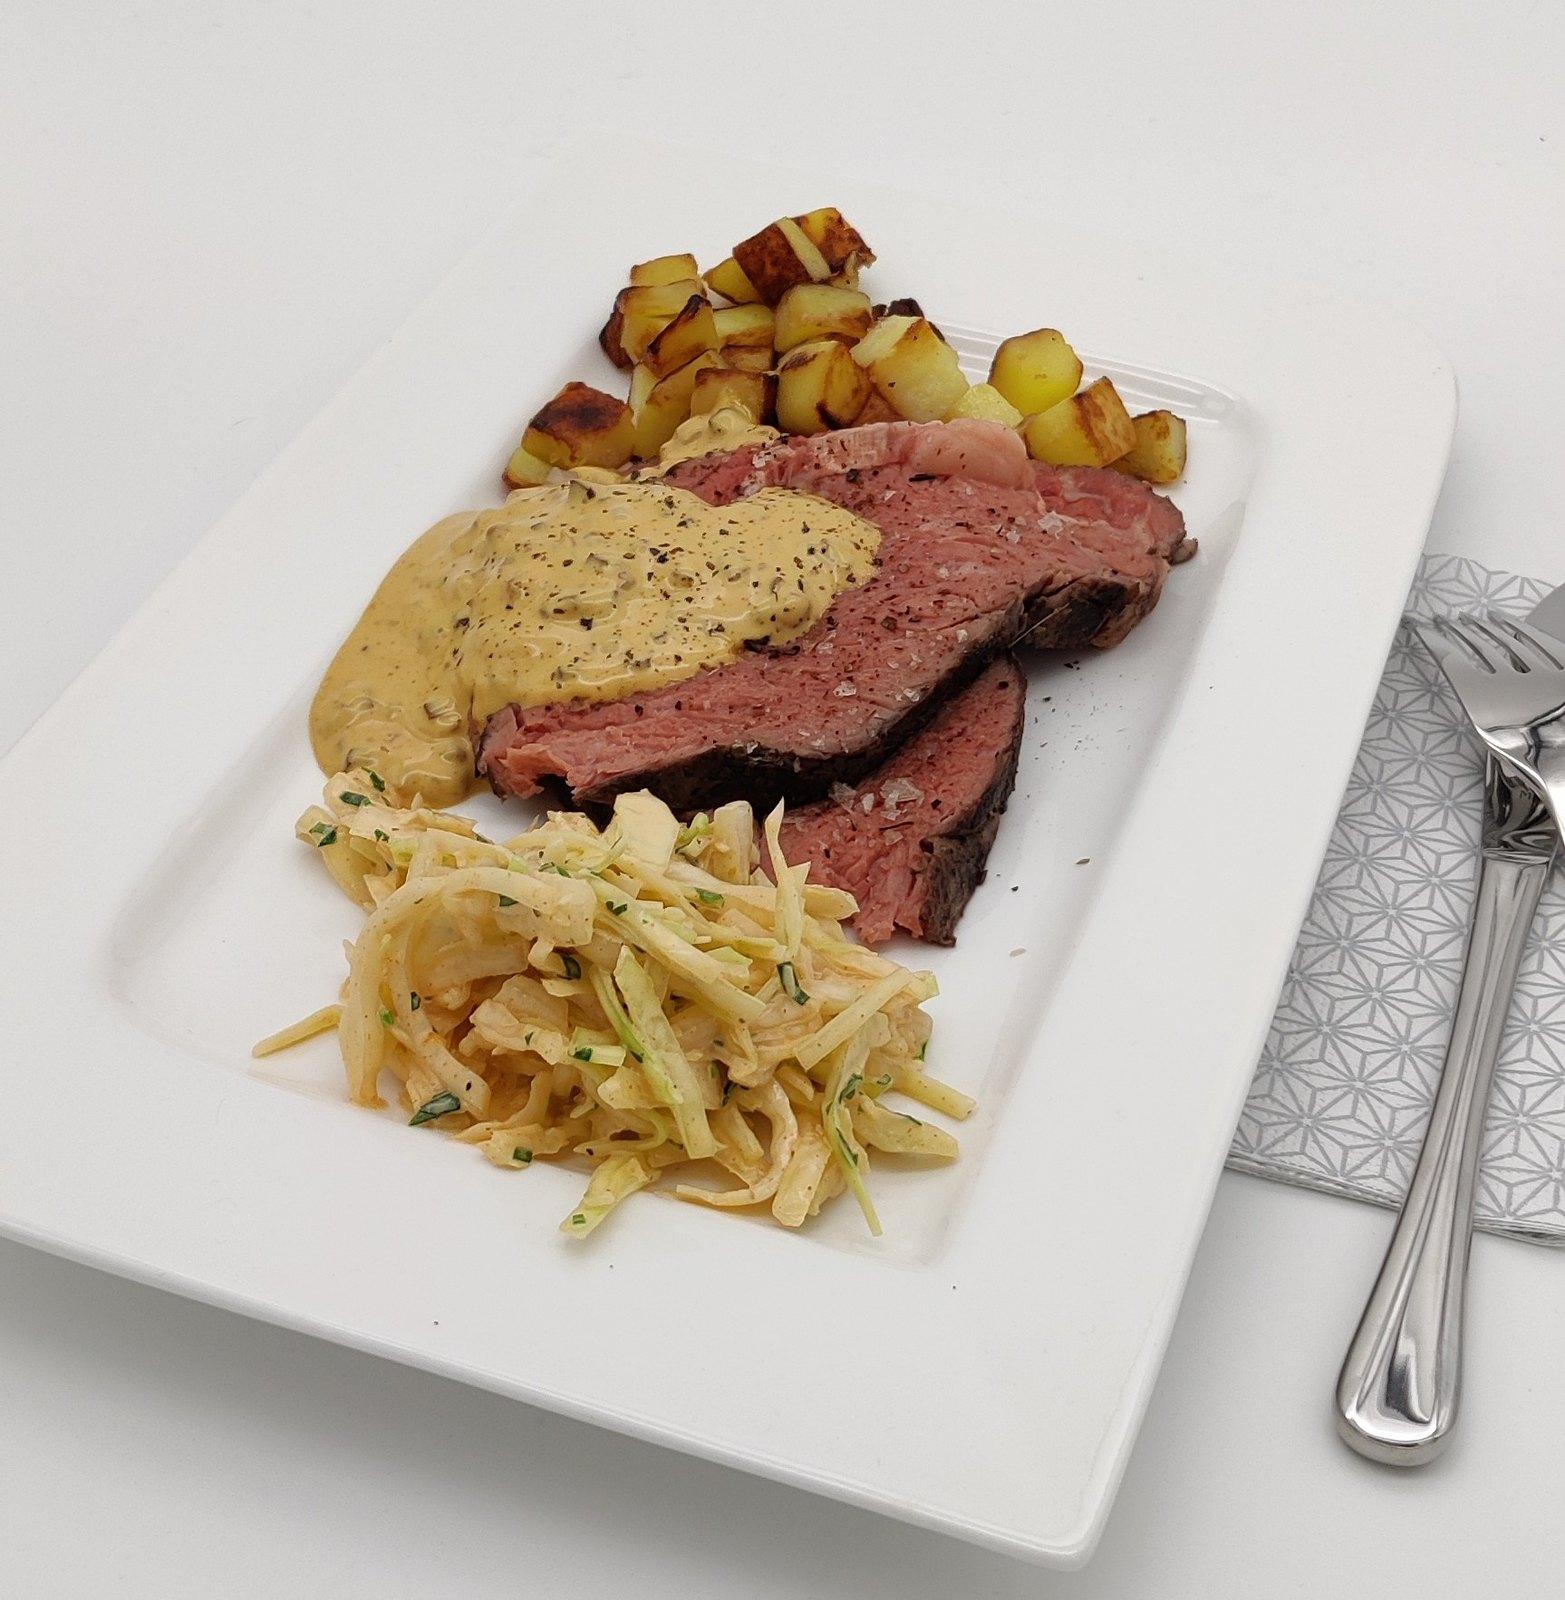 Gewürz-Roastbeef mit Espresso-Speck-Mayonnaise